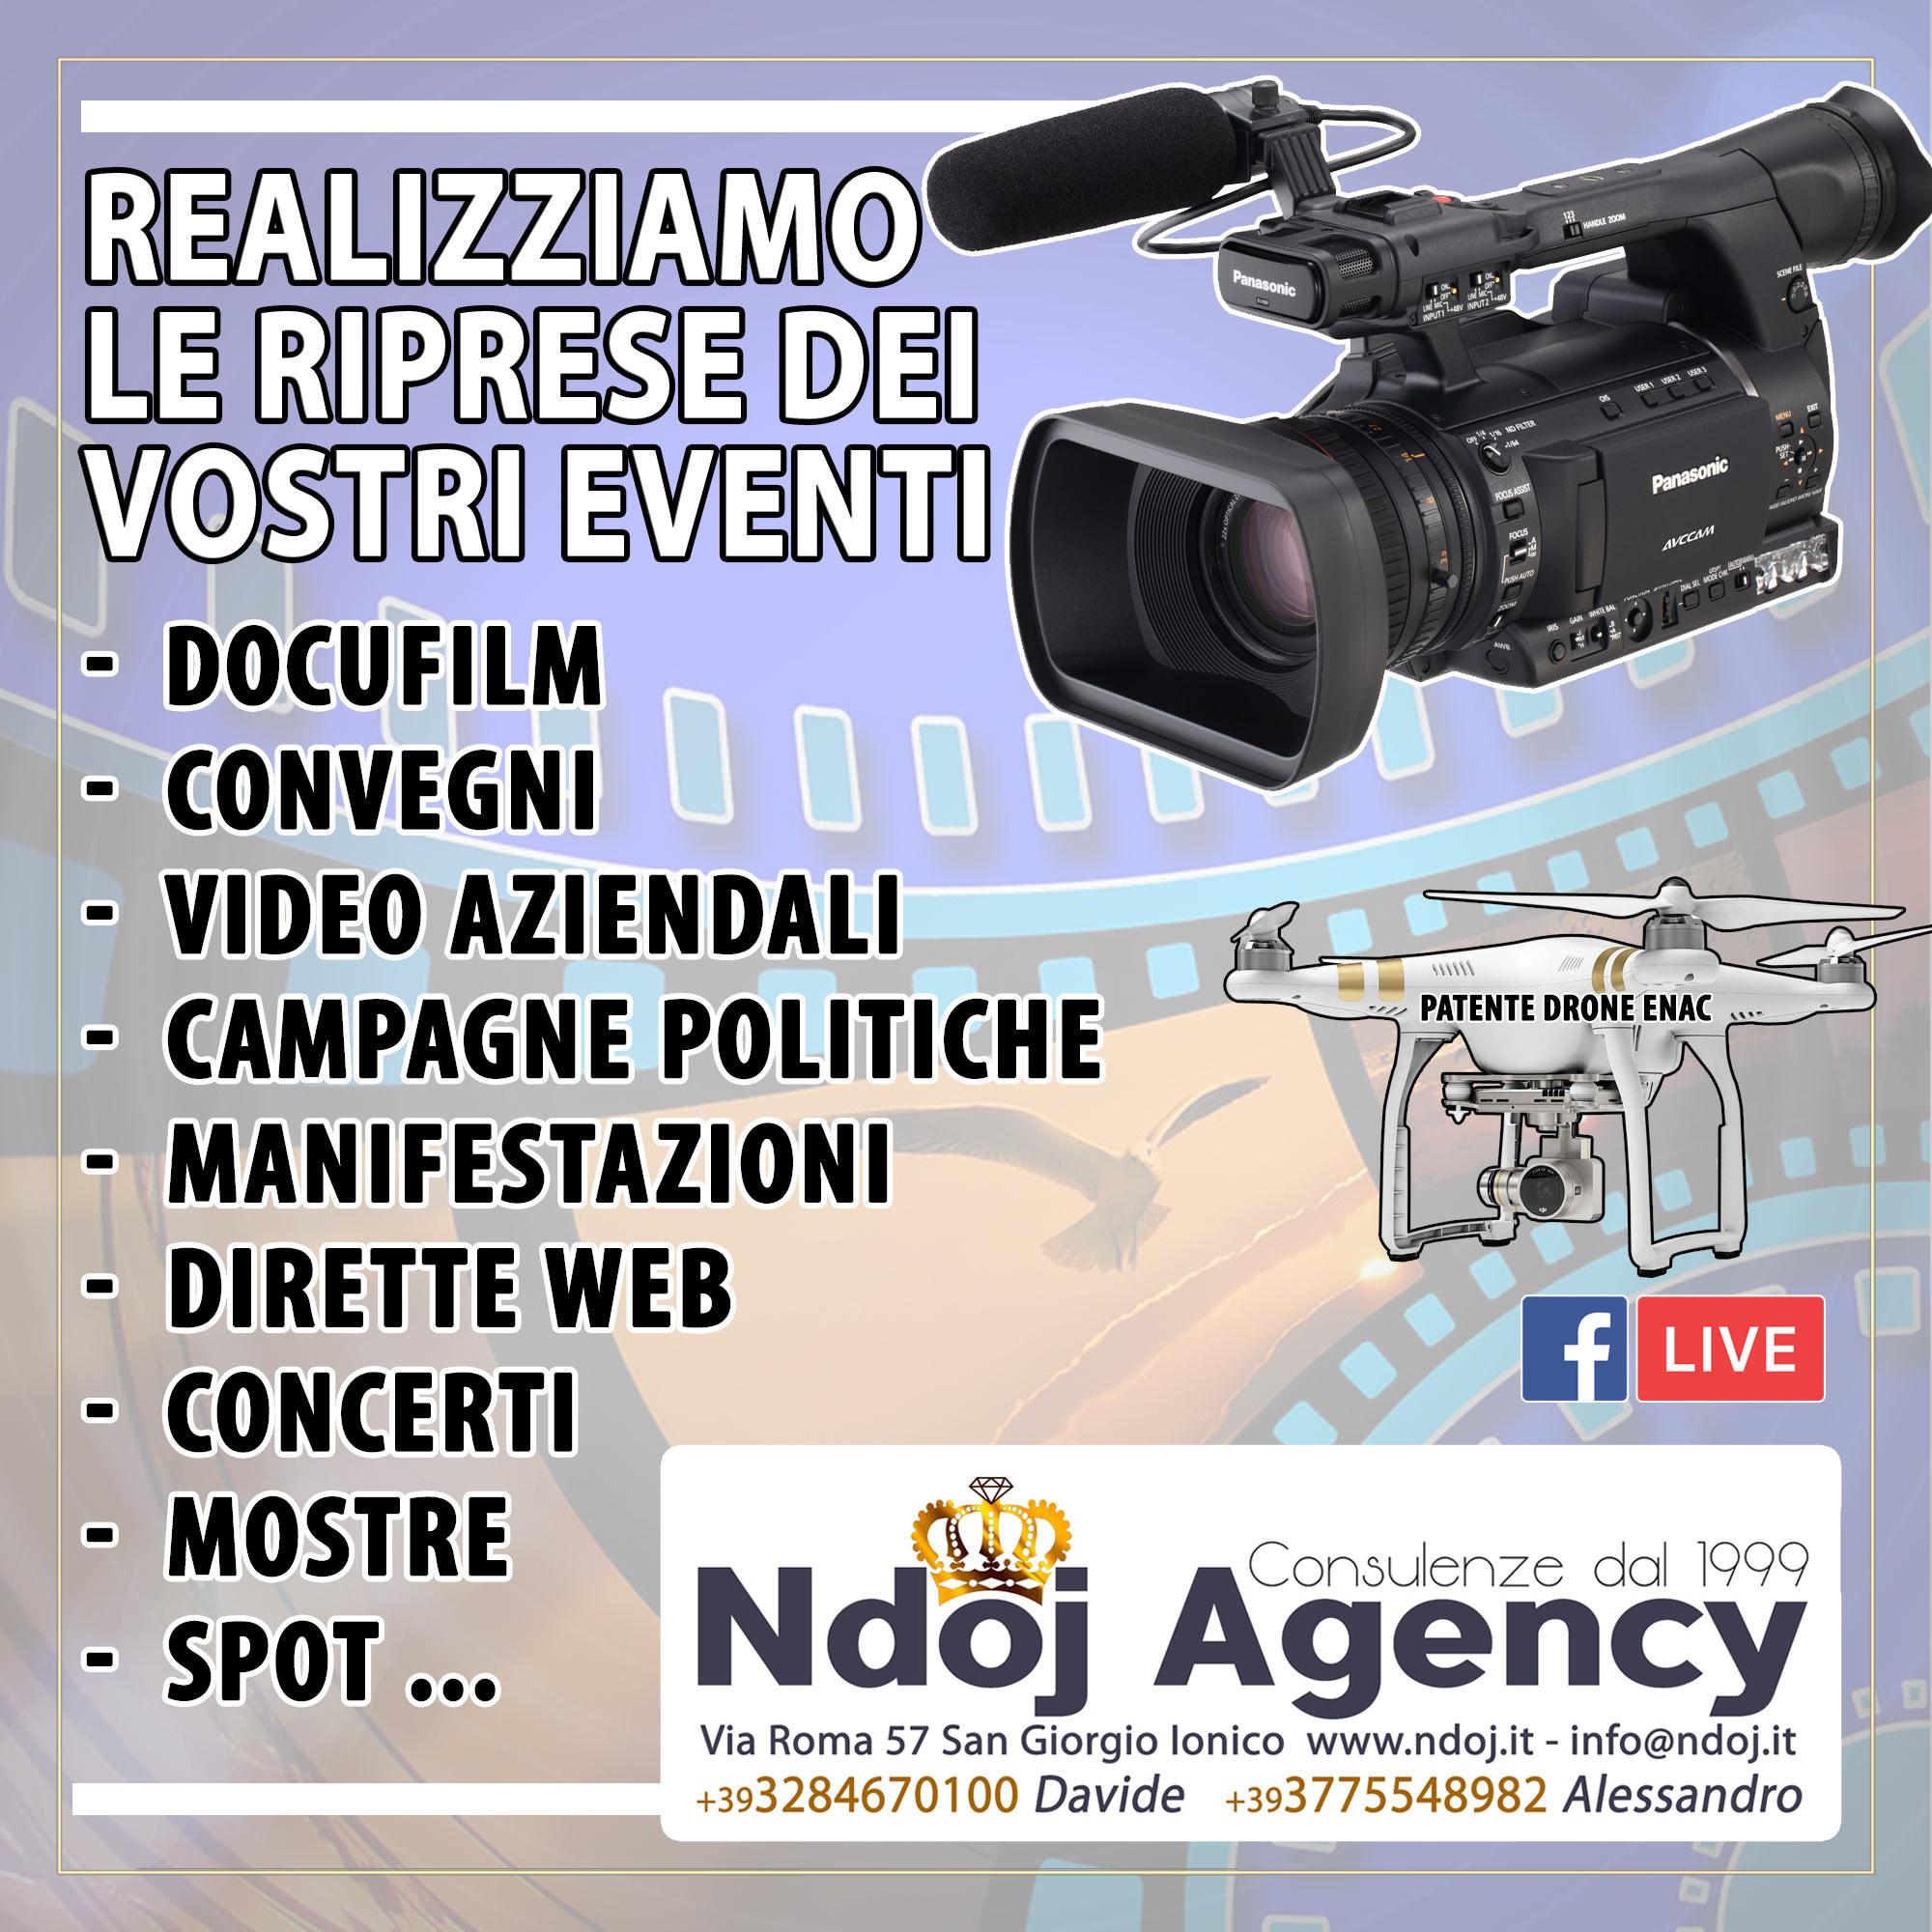 pubblicita-ndoj-agency-spot